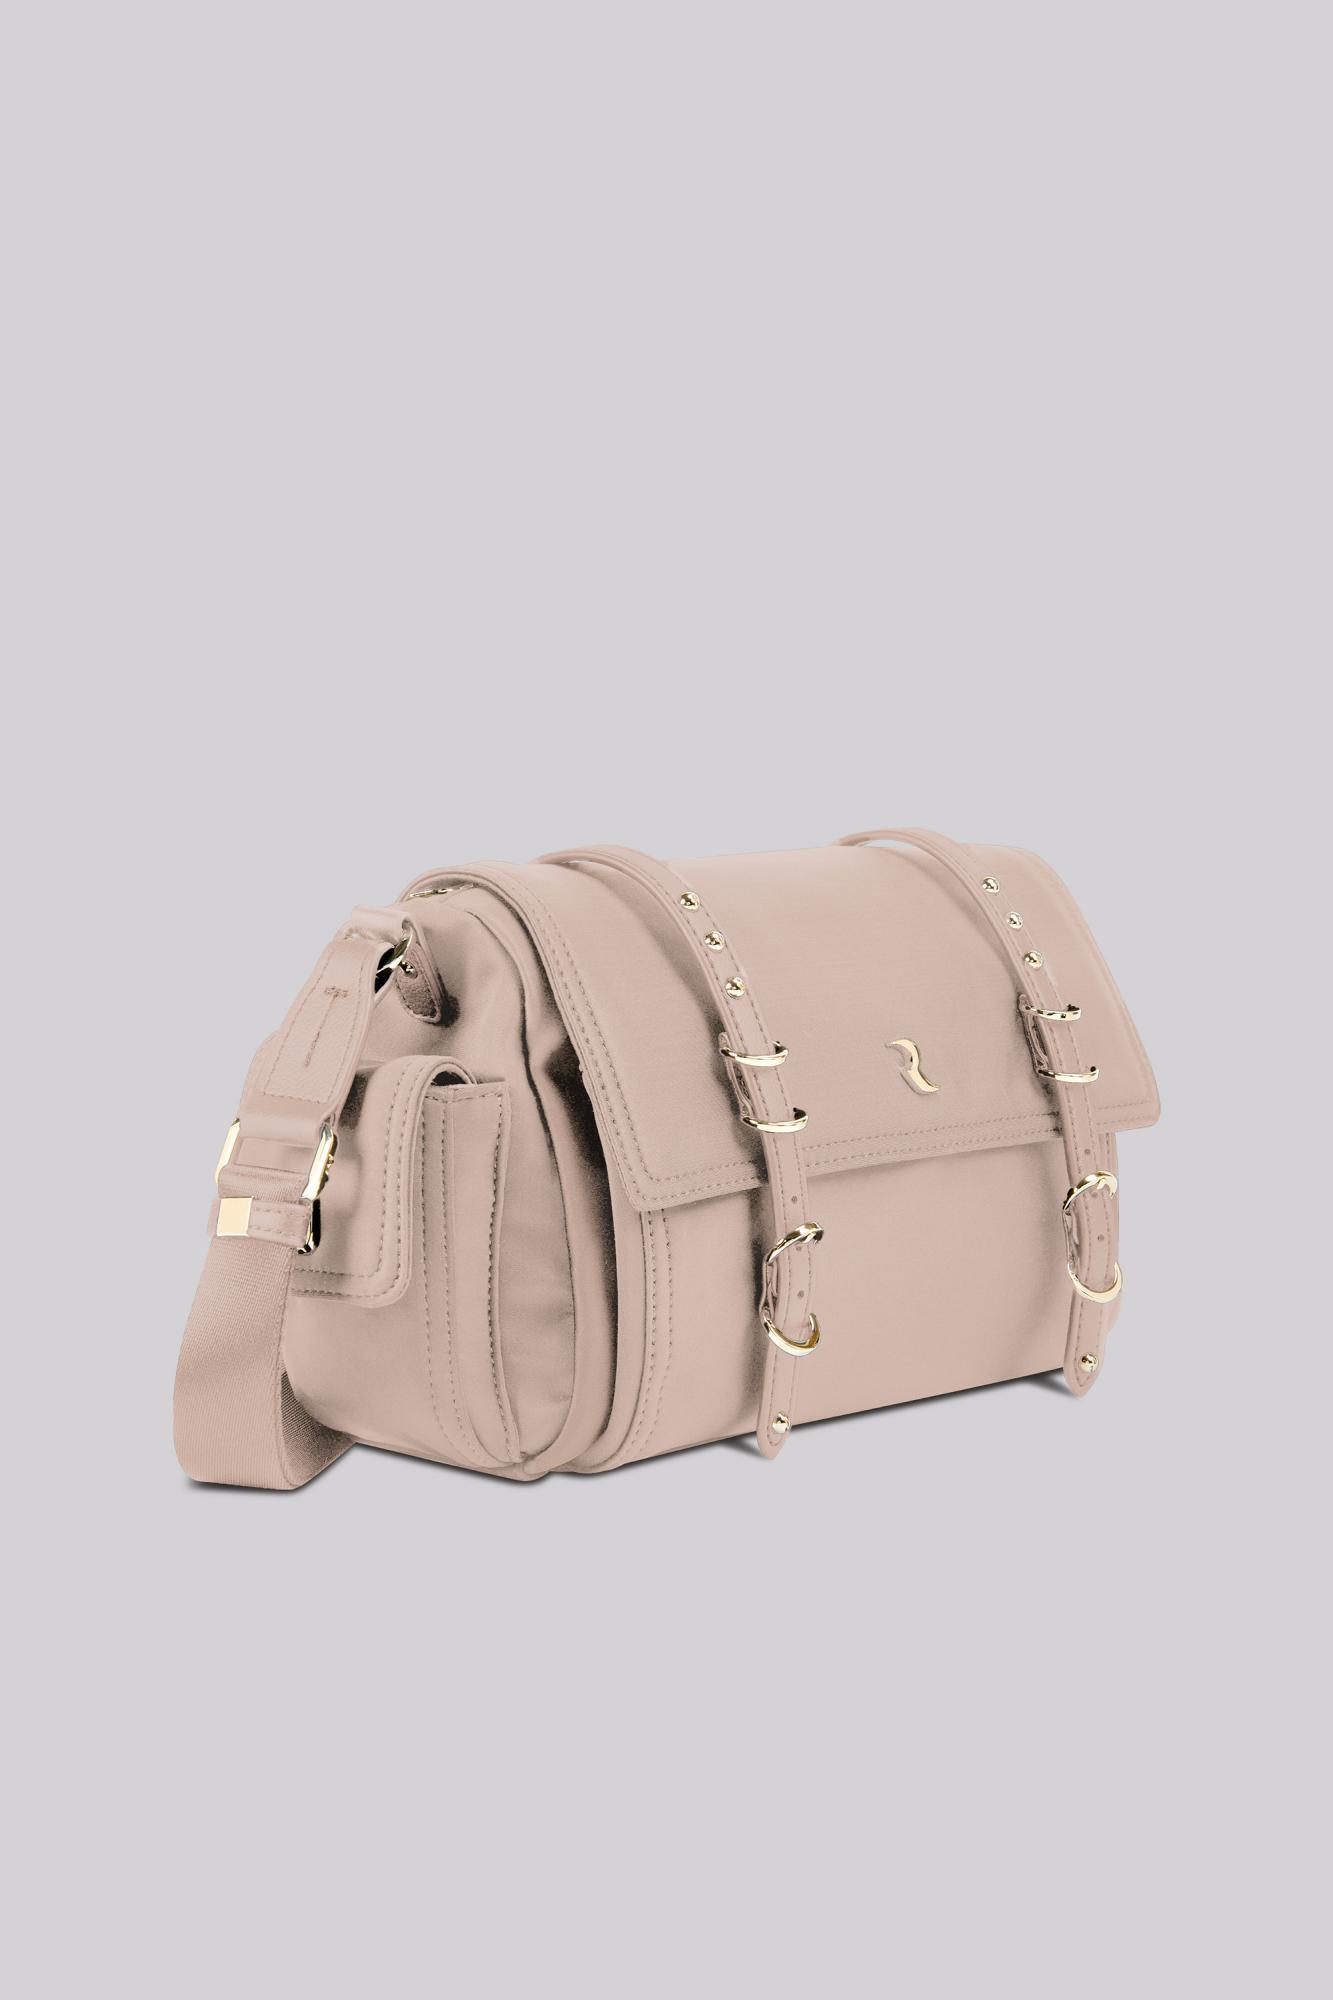 Borsa A Spalla  TAUPE Her Bag